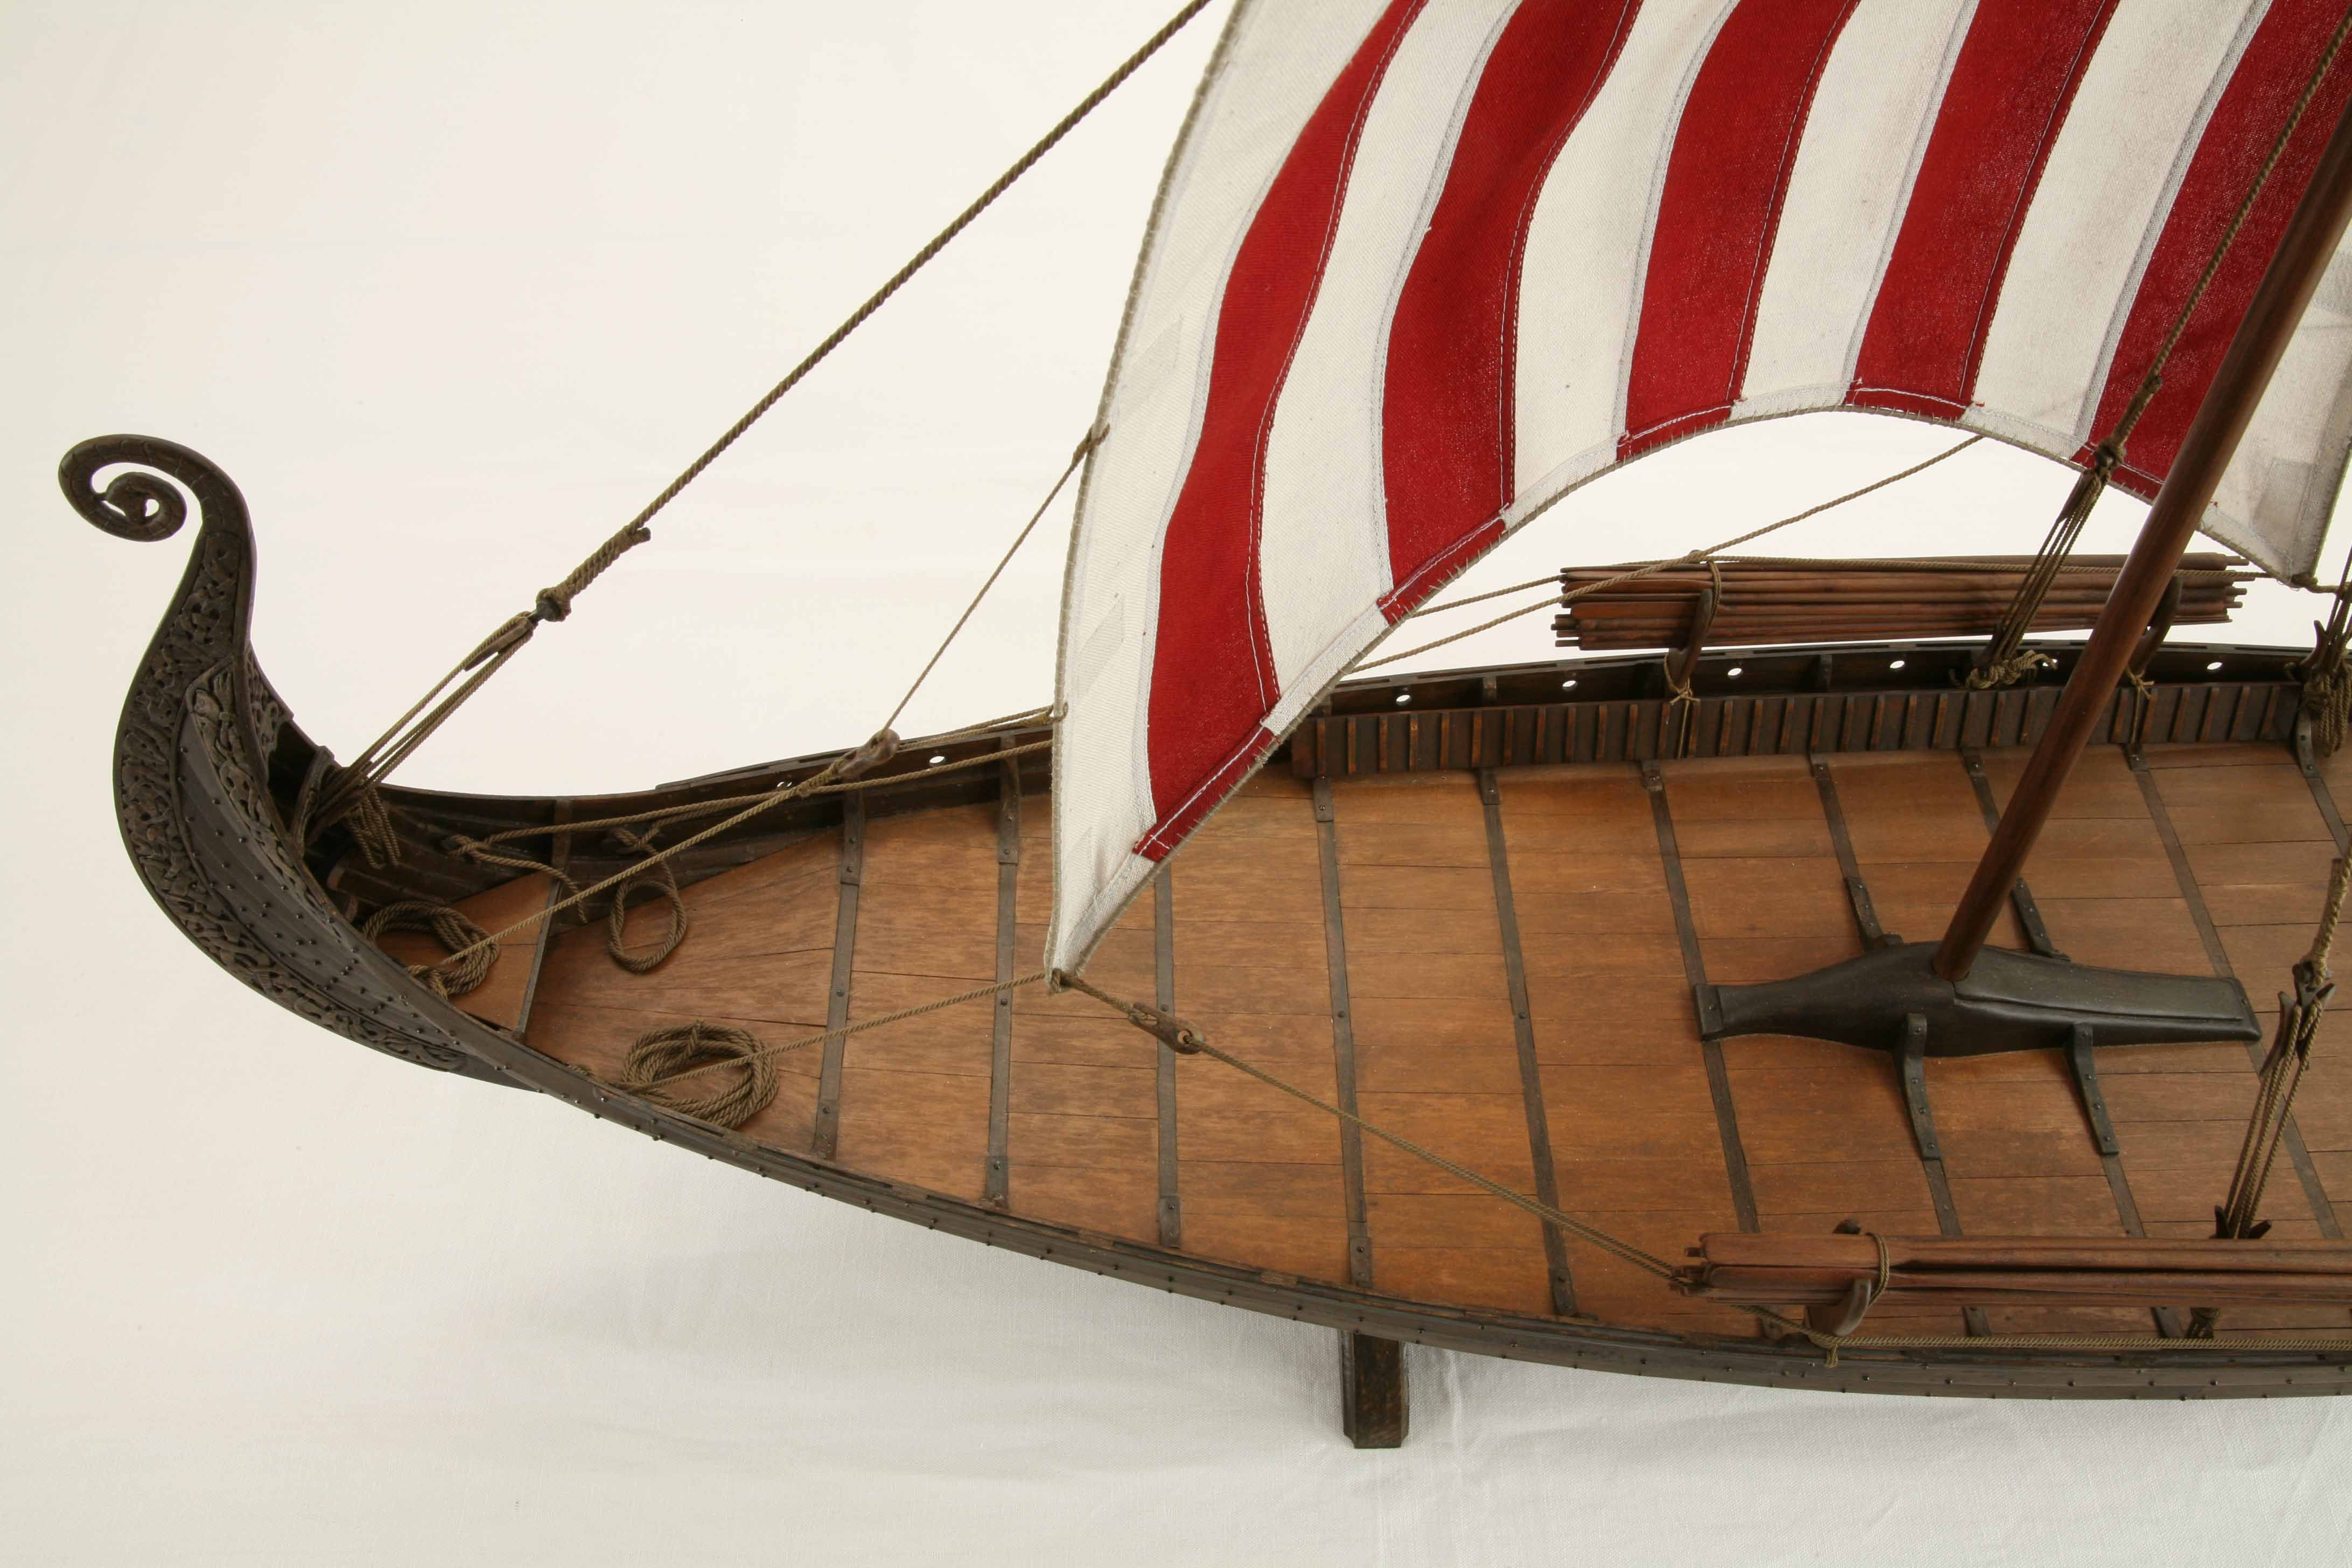 напасть картинки лодка викингов кошельке одно большое